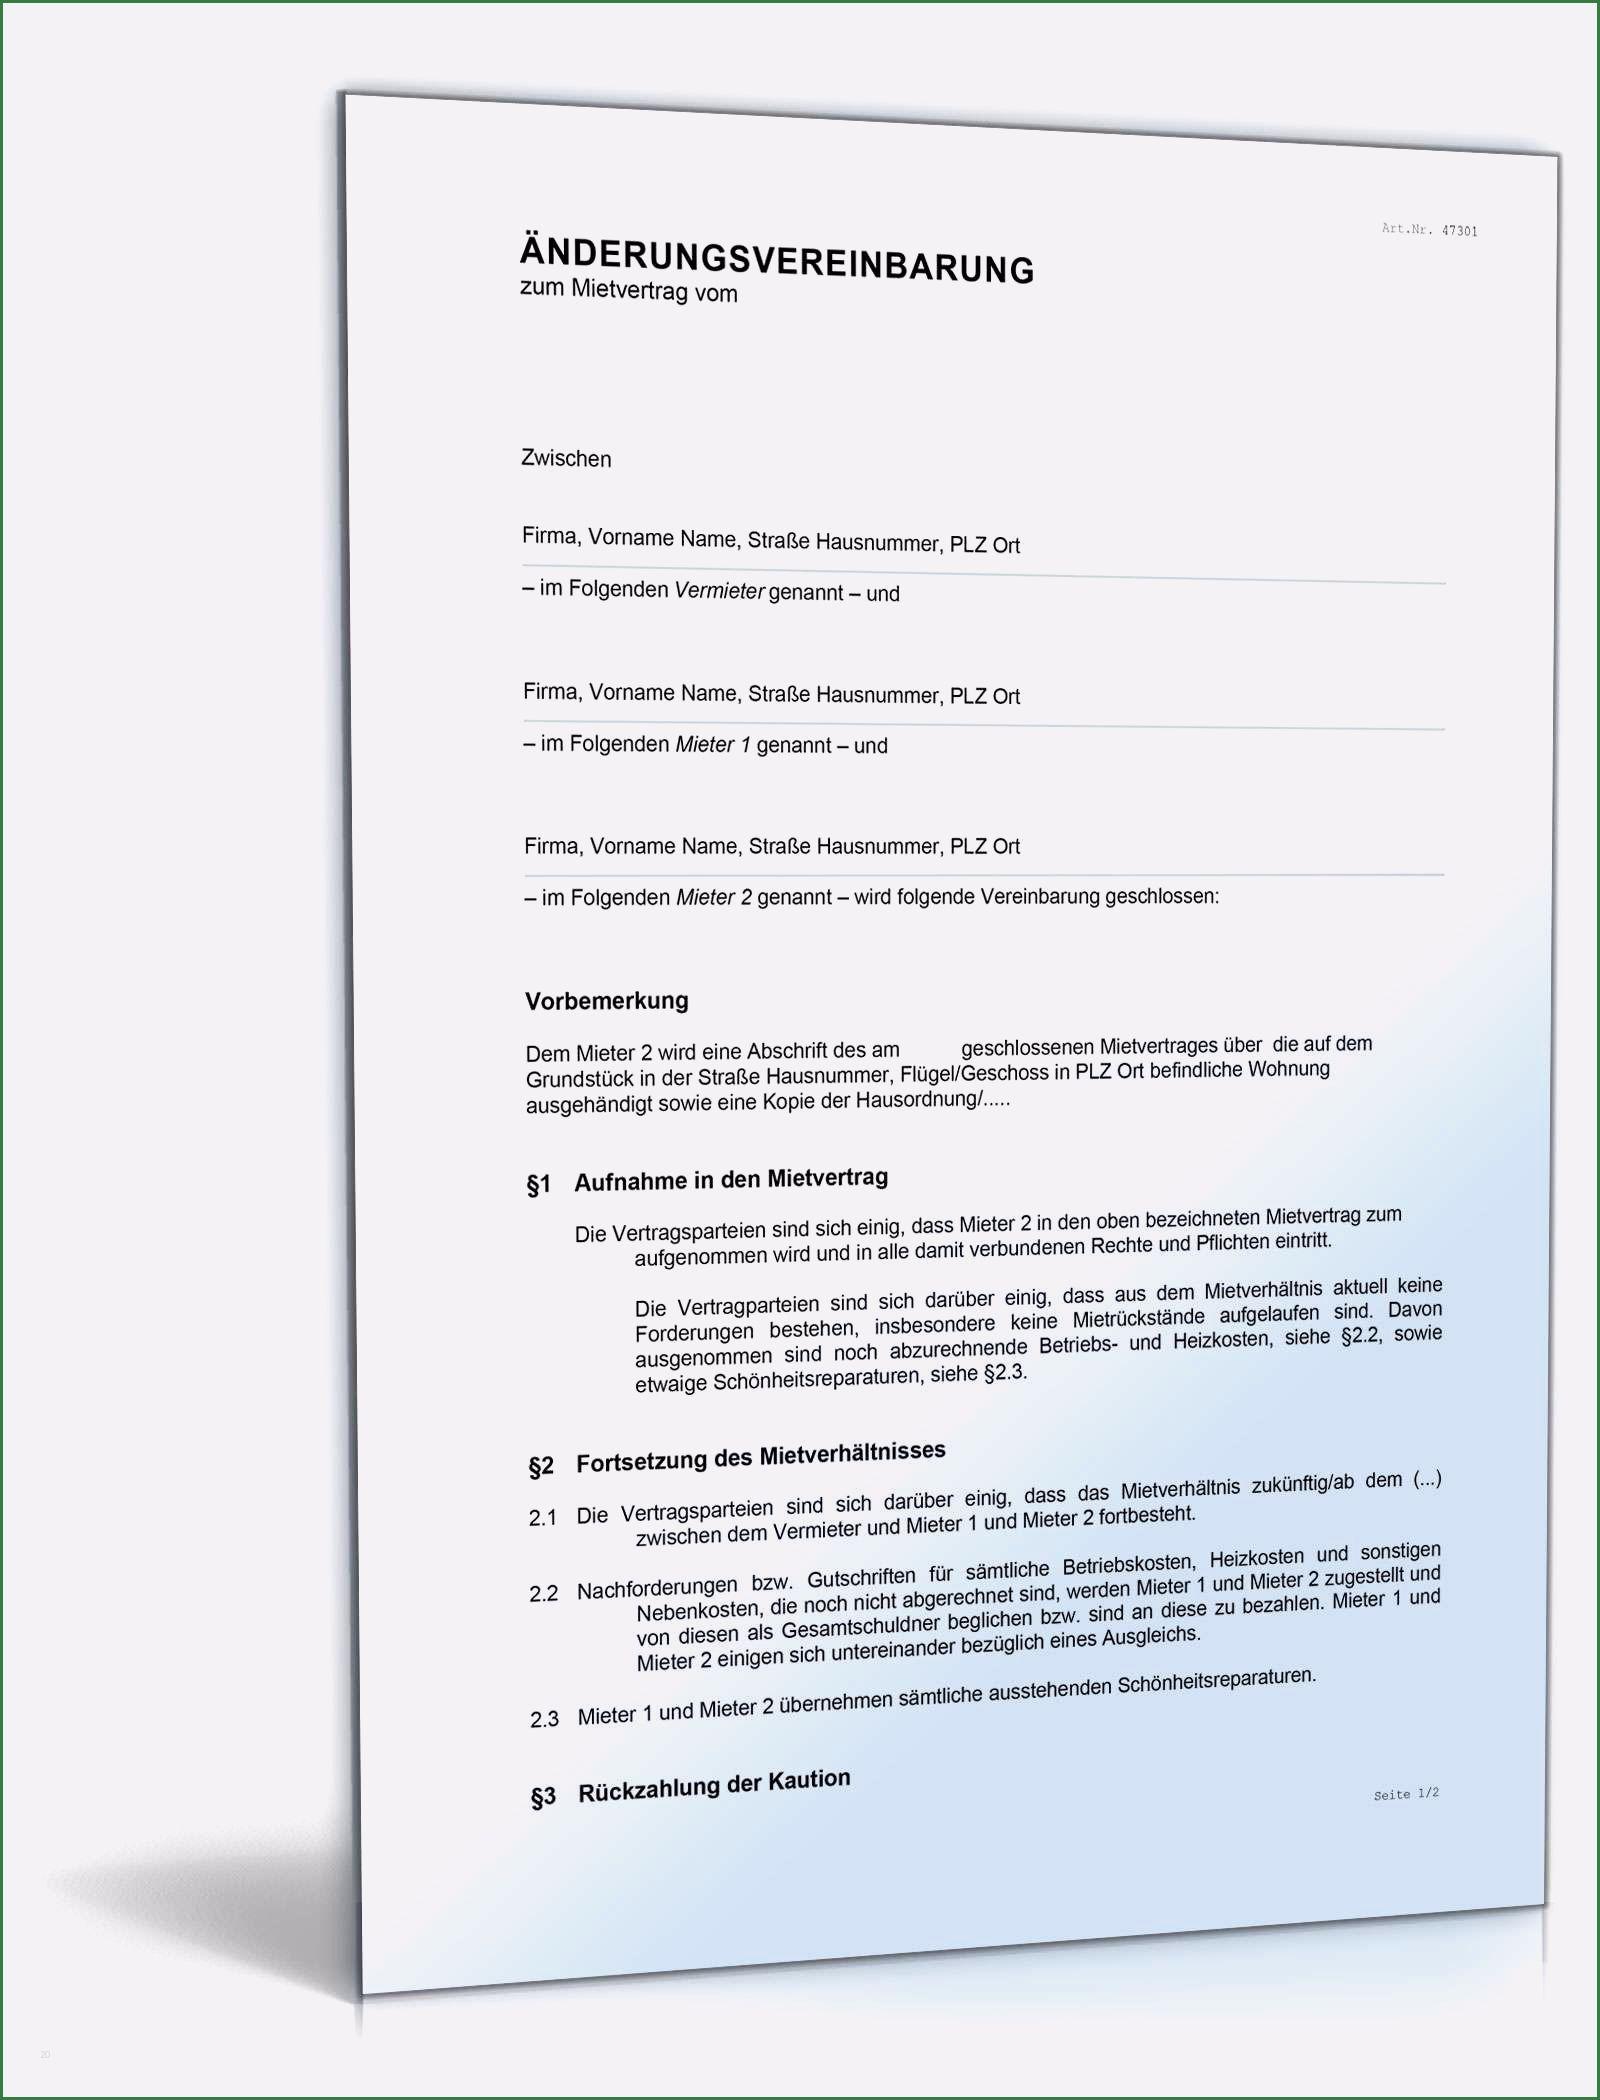 13 Ideal Anderung Mietvertrag Vorlage Die Sie Begeistern In 2020 Lebenslauf Layout Vertrag Rechnungsvorlage